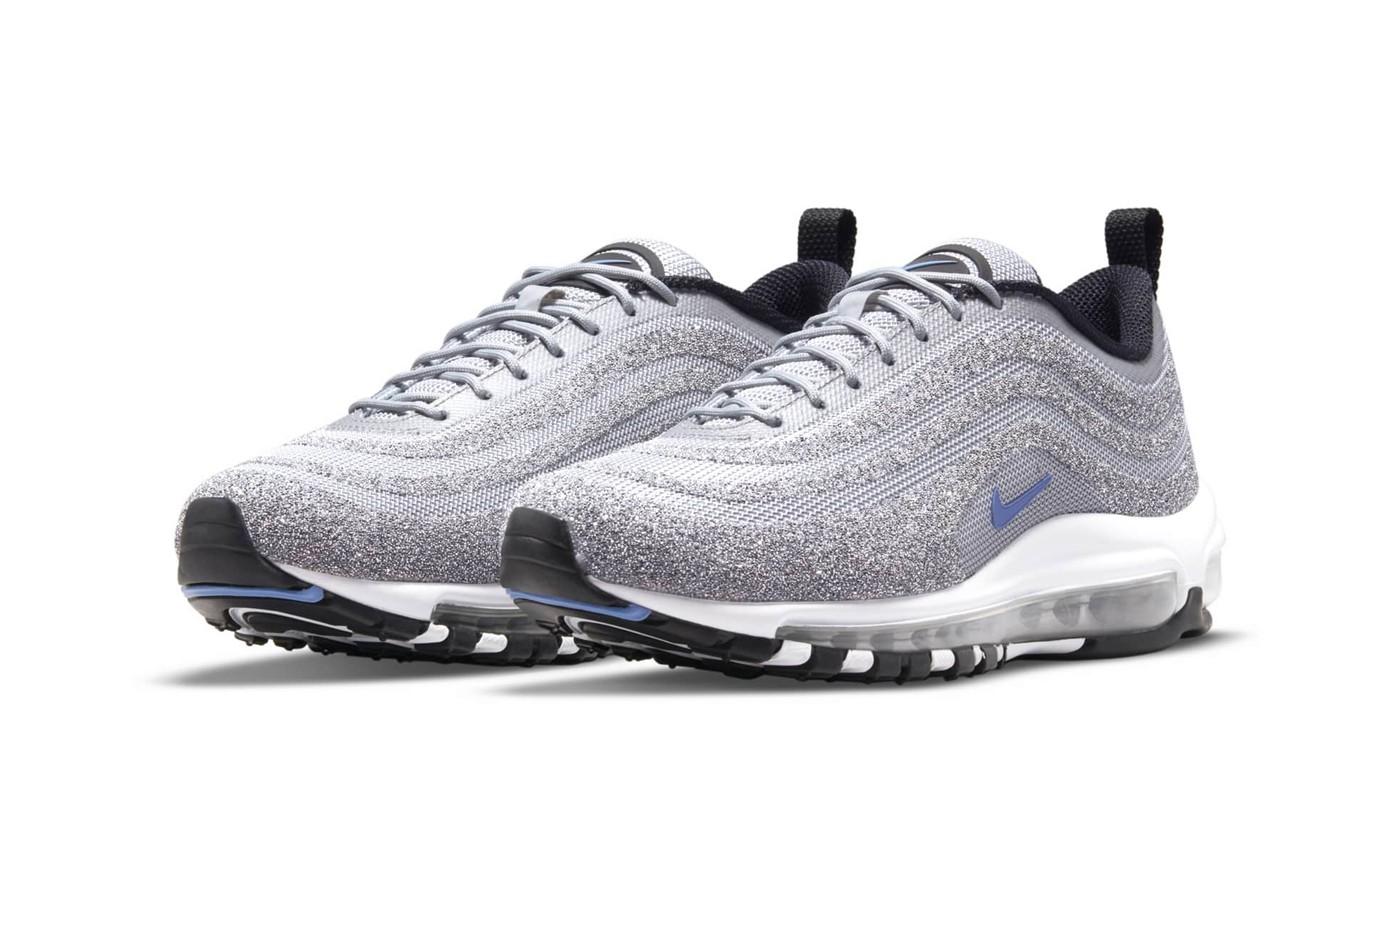 Nike Air Max 97 Polar Blue